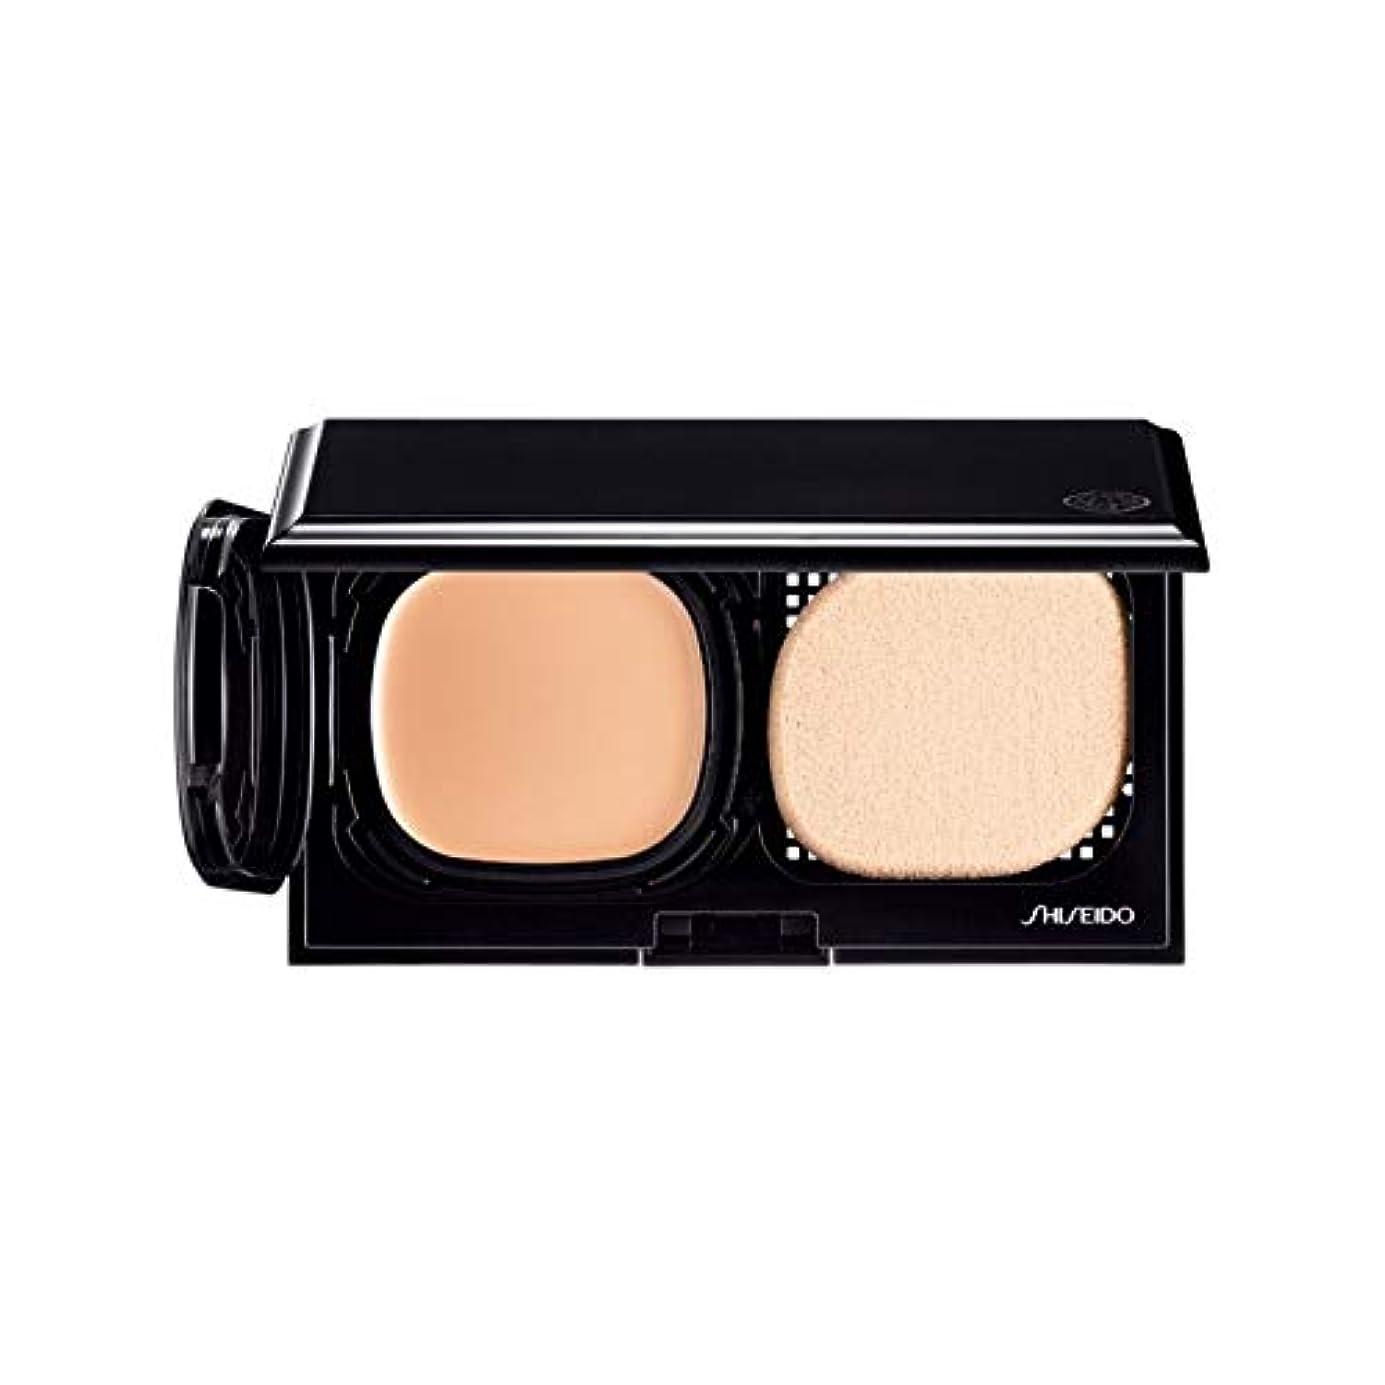 友情韻同封する[Shiseido] 自然光ベージュ - 資生堂ハイドロ液体コンパクトB20を前進しました - Shiseido Advanced Hydro Liquid Compact B20 - Natural Light Beige...